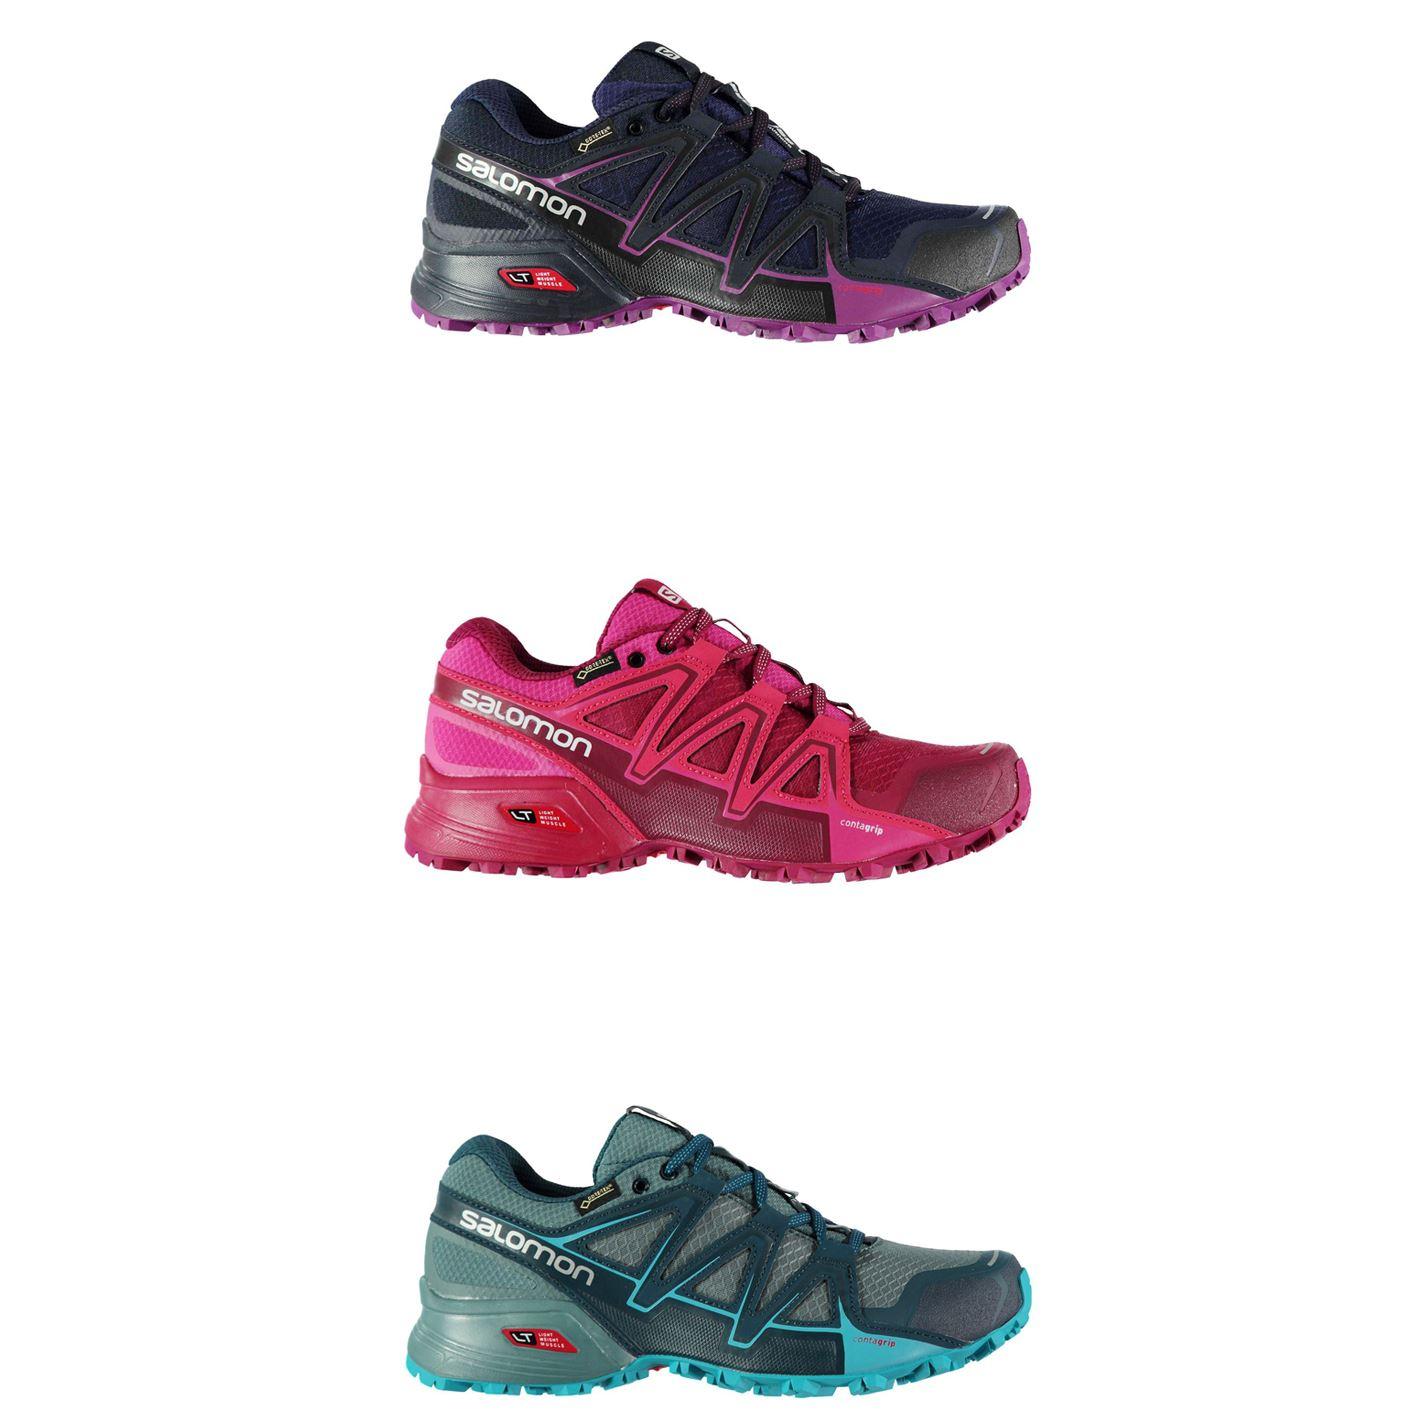 Détails sur Salomon Speedcross V GTX Trail Chaussures De Course Femme Fitness Baskets Baskets afficher le titre d'origine